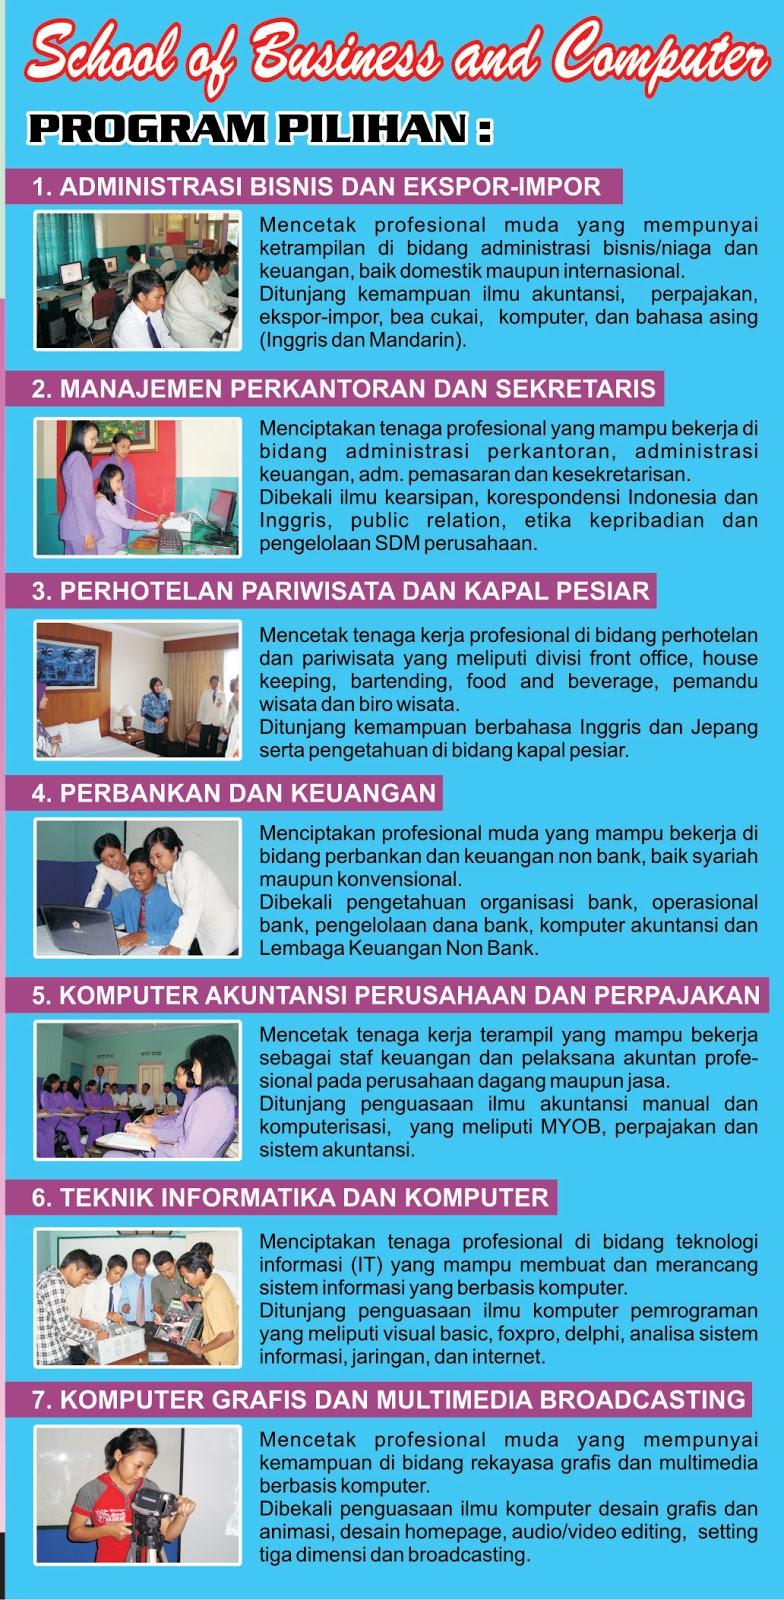 Rmasi By Priyo 2012 Selamat Datang Di DHARMANUSA DARMAMEDIKA